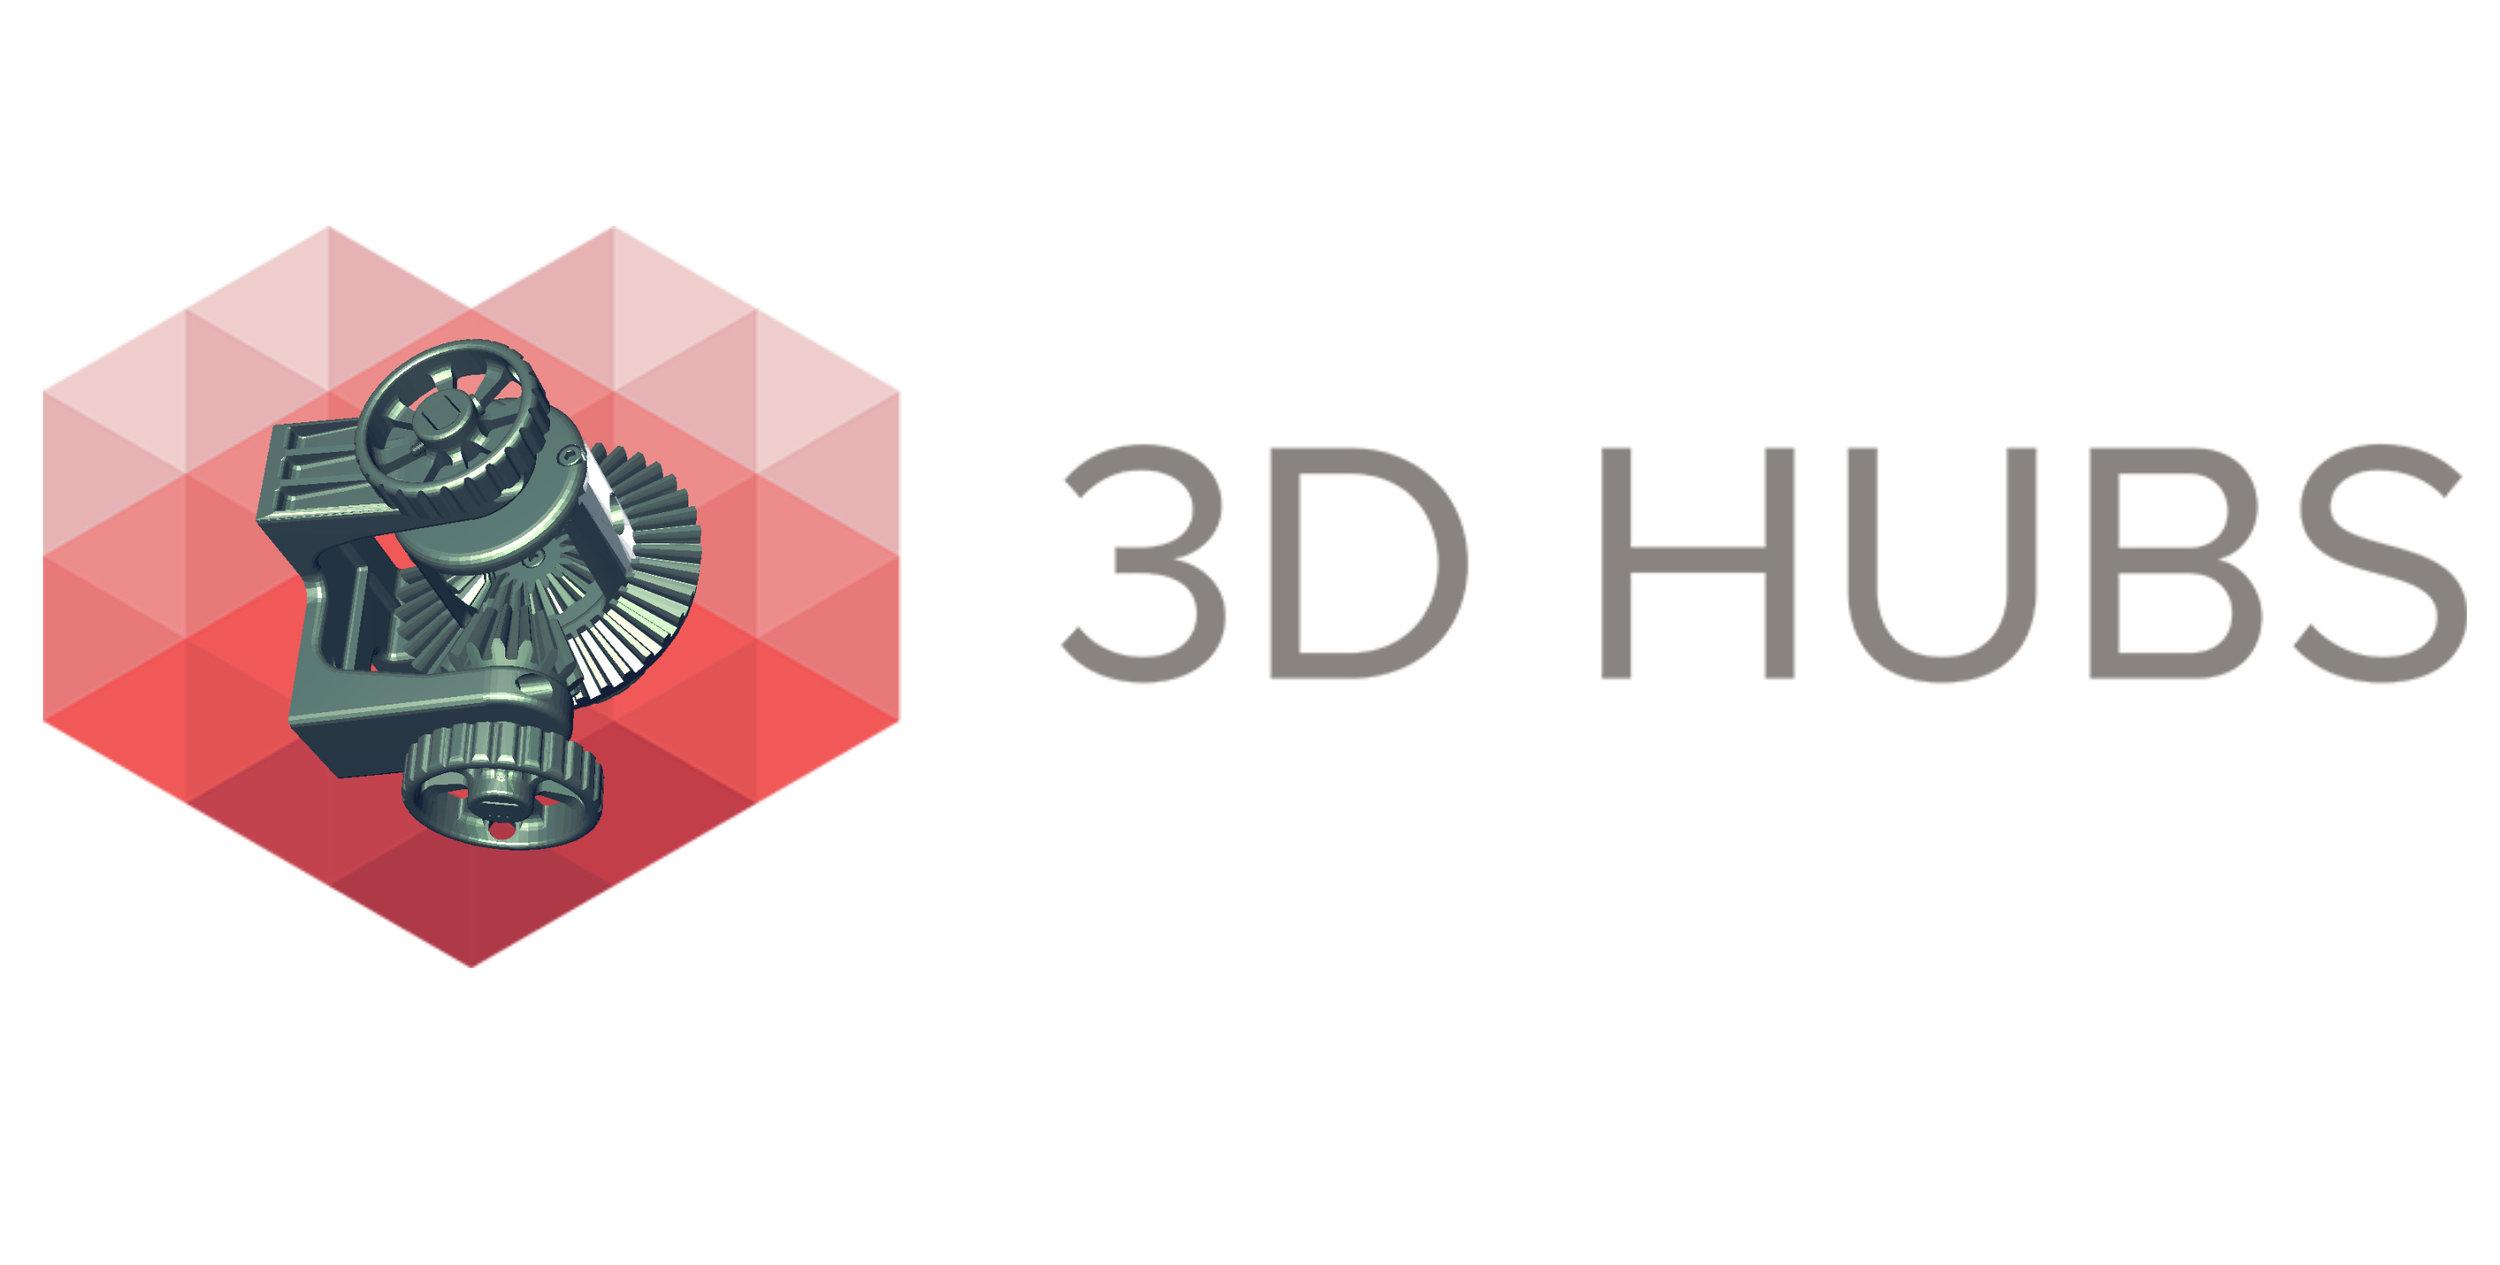 3D Hubs' Transformation Continues